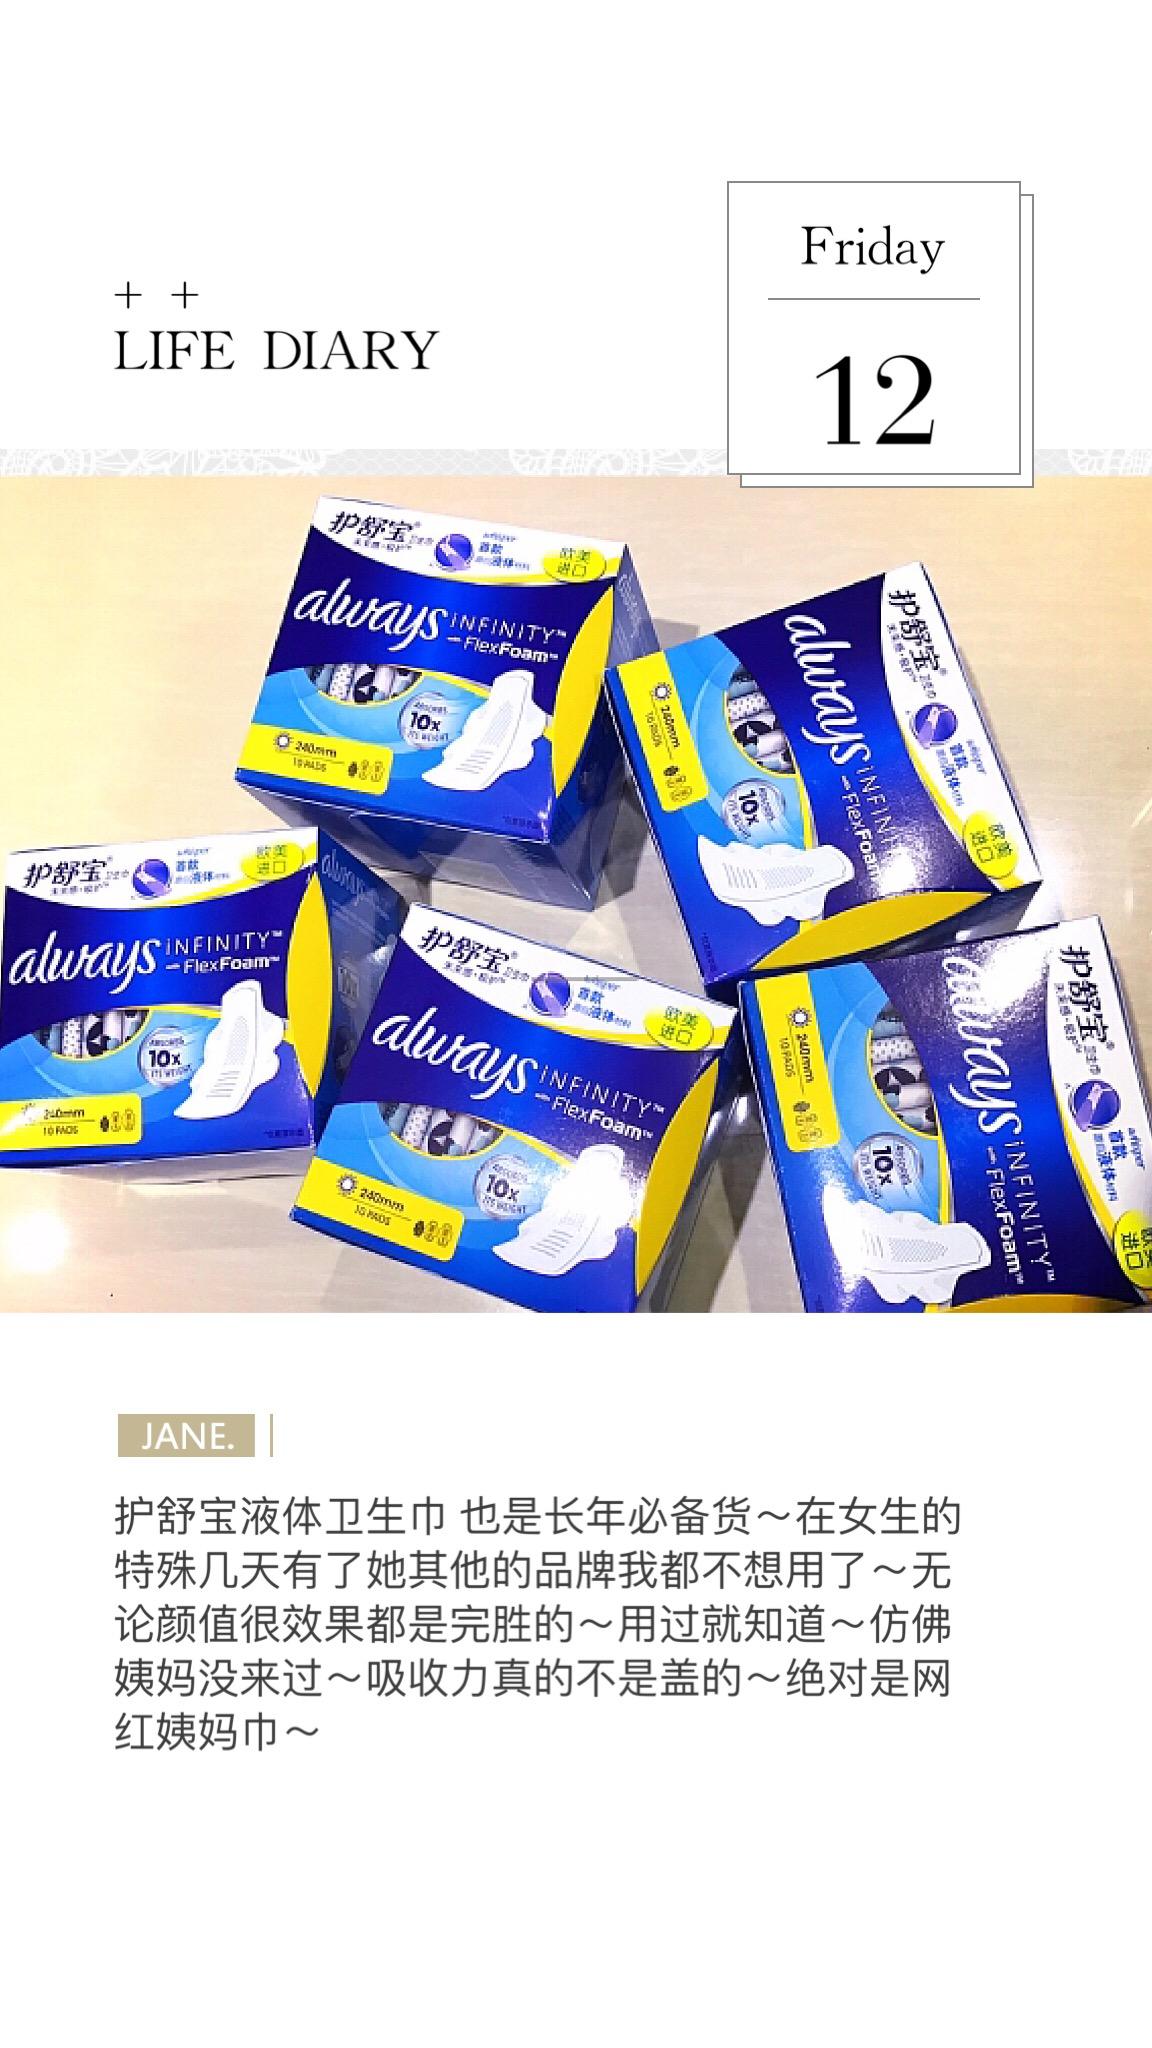 护舒宝液体卫生巾.JPG